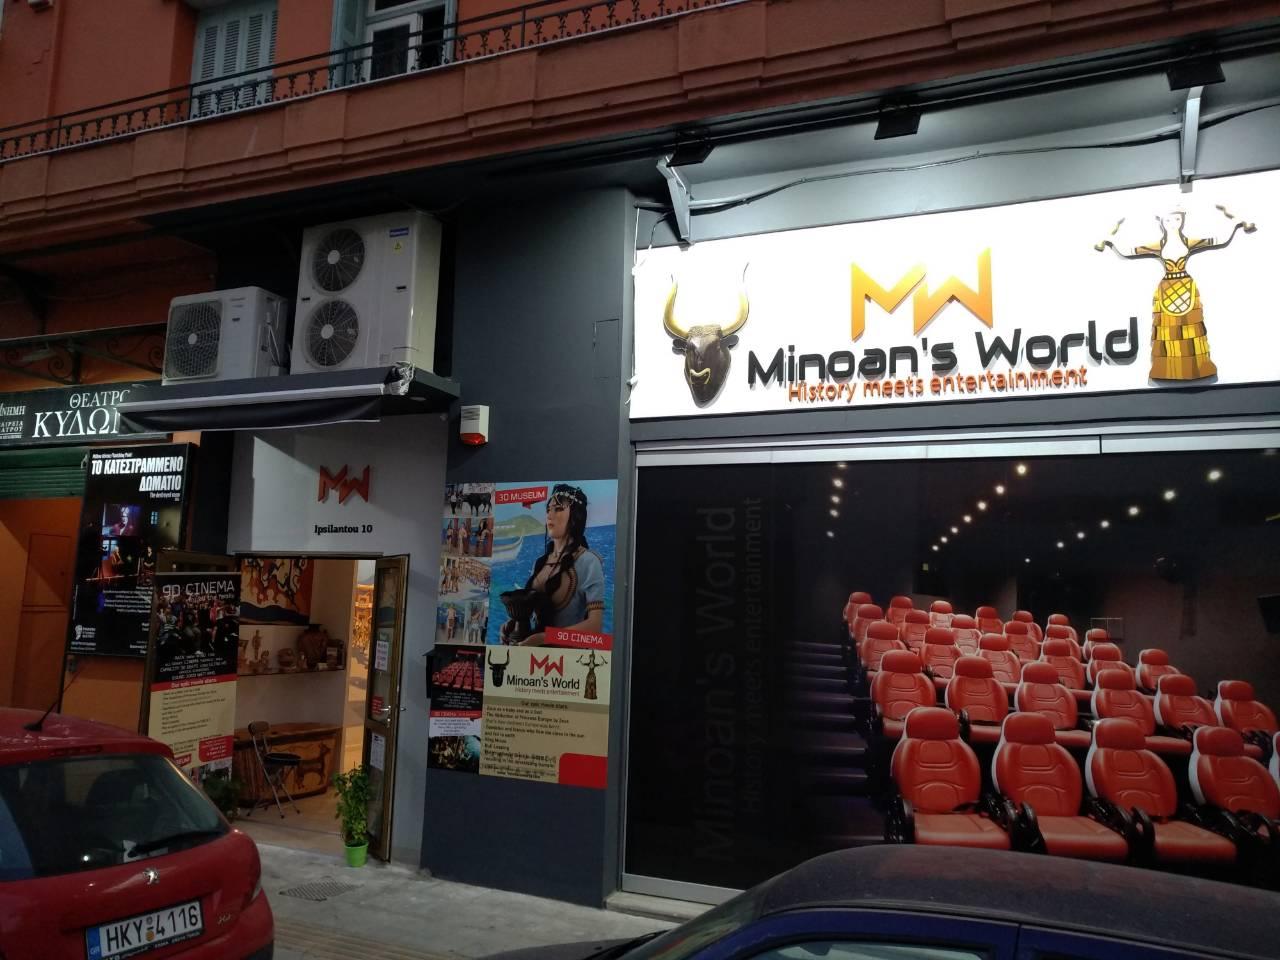 Outside Minoan's World